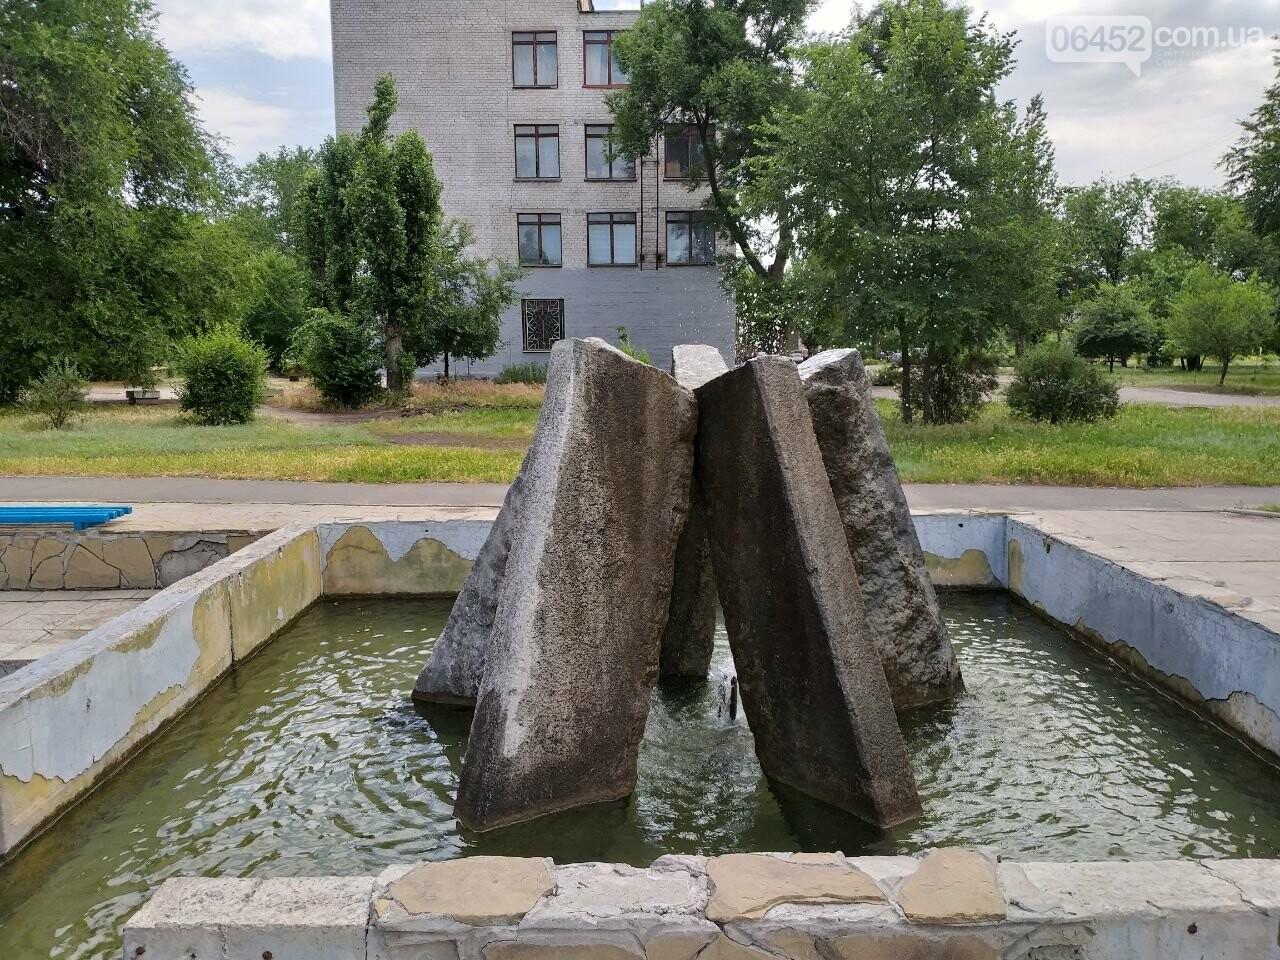 Северодонецк - город фонтанов, фото-9